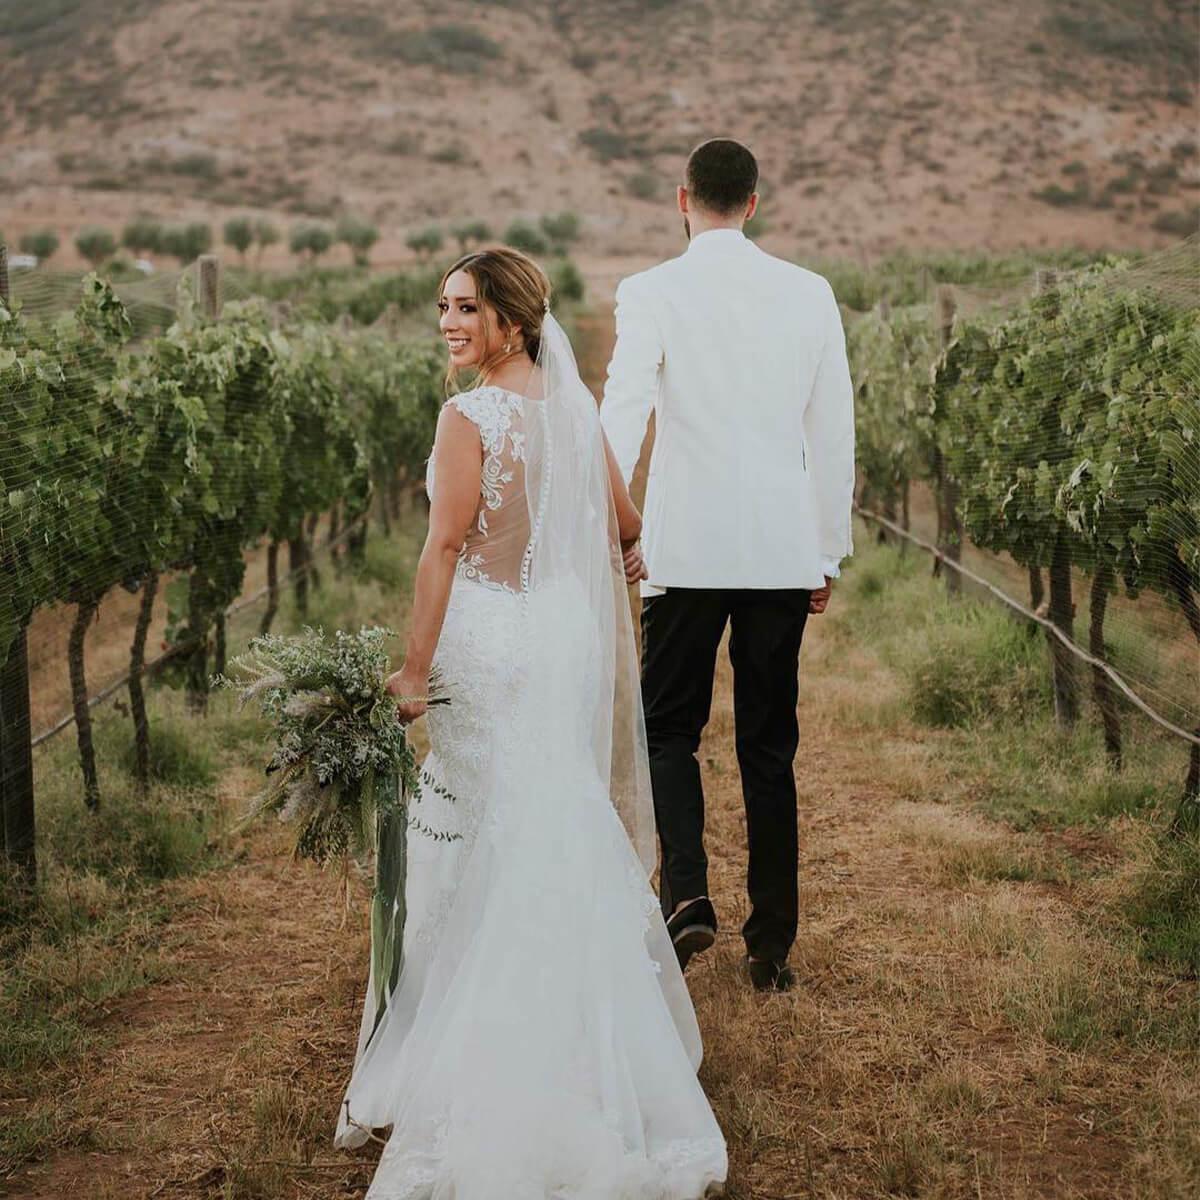 Pareja de recién casados caminando en un viñedo.